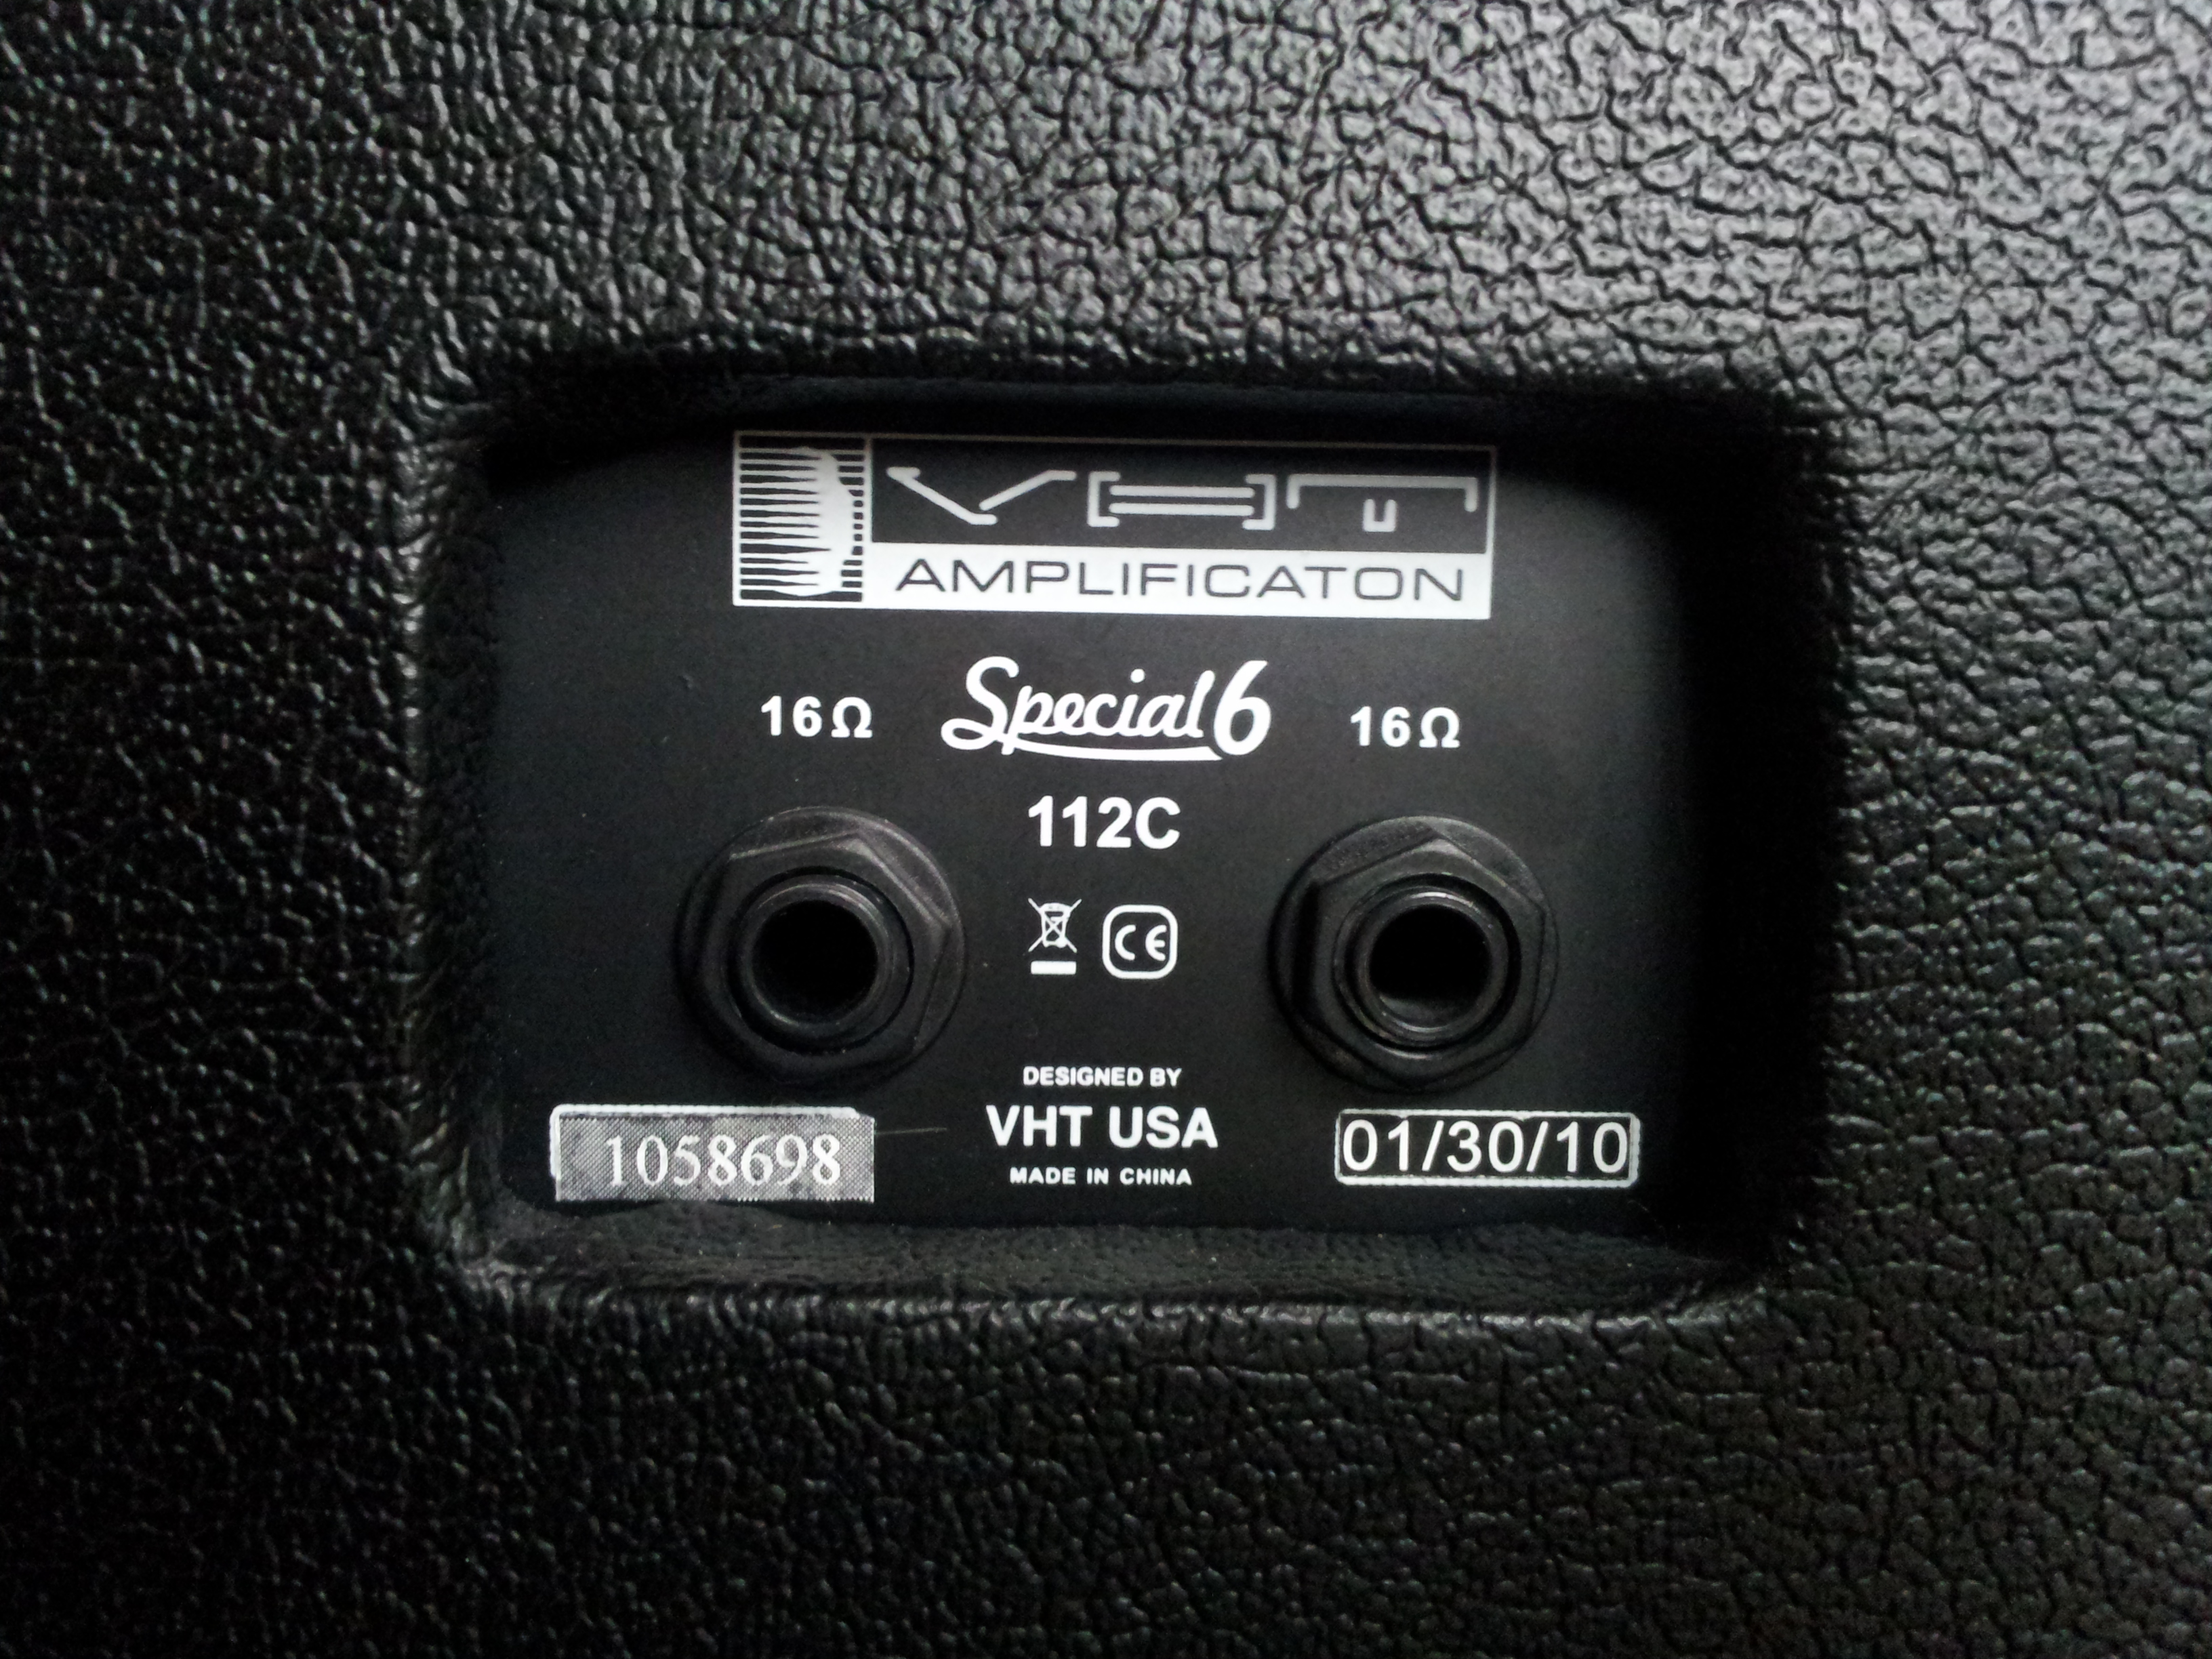 VHT Amplification (AXL) Special 6 Closed-Back Cabinet AV-SP112-VHT ...